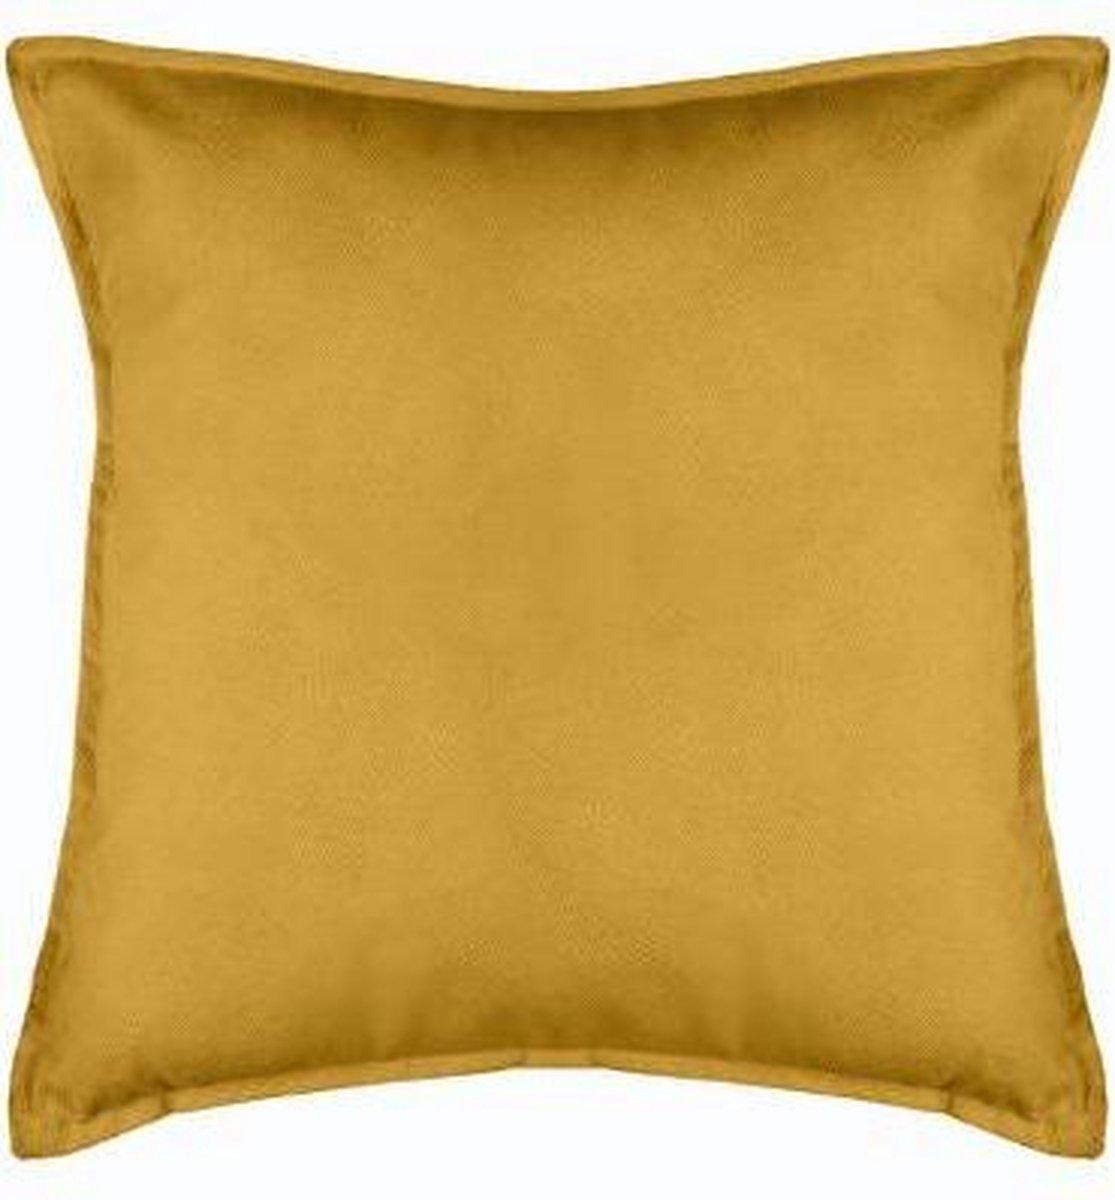 Velvet kussen Ocre XL – Oker geel – 55 x 55 cm (incl. vulling)